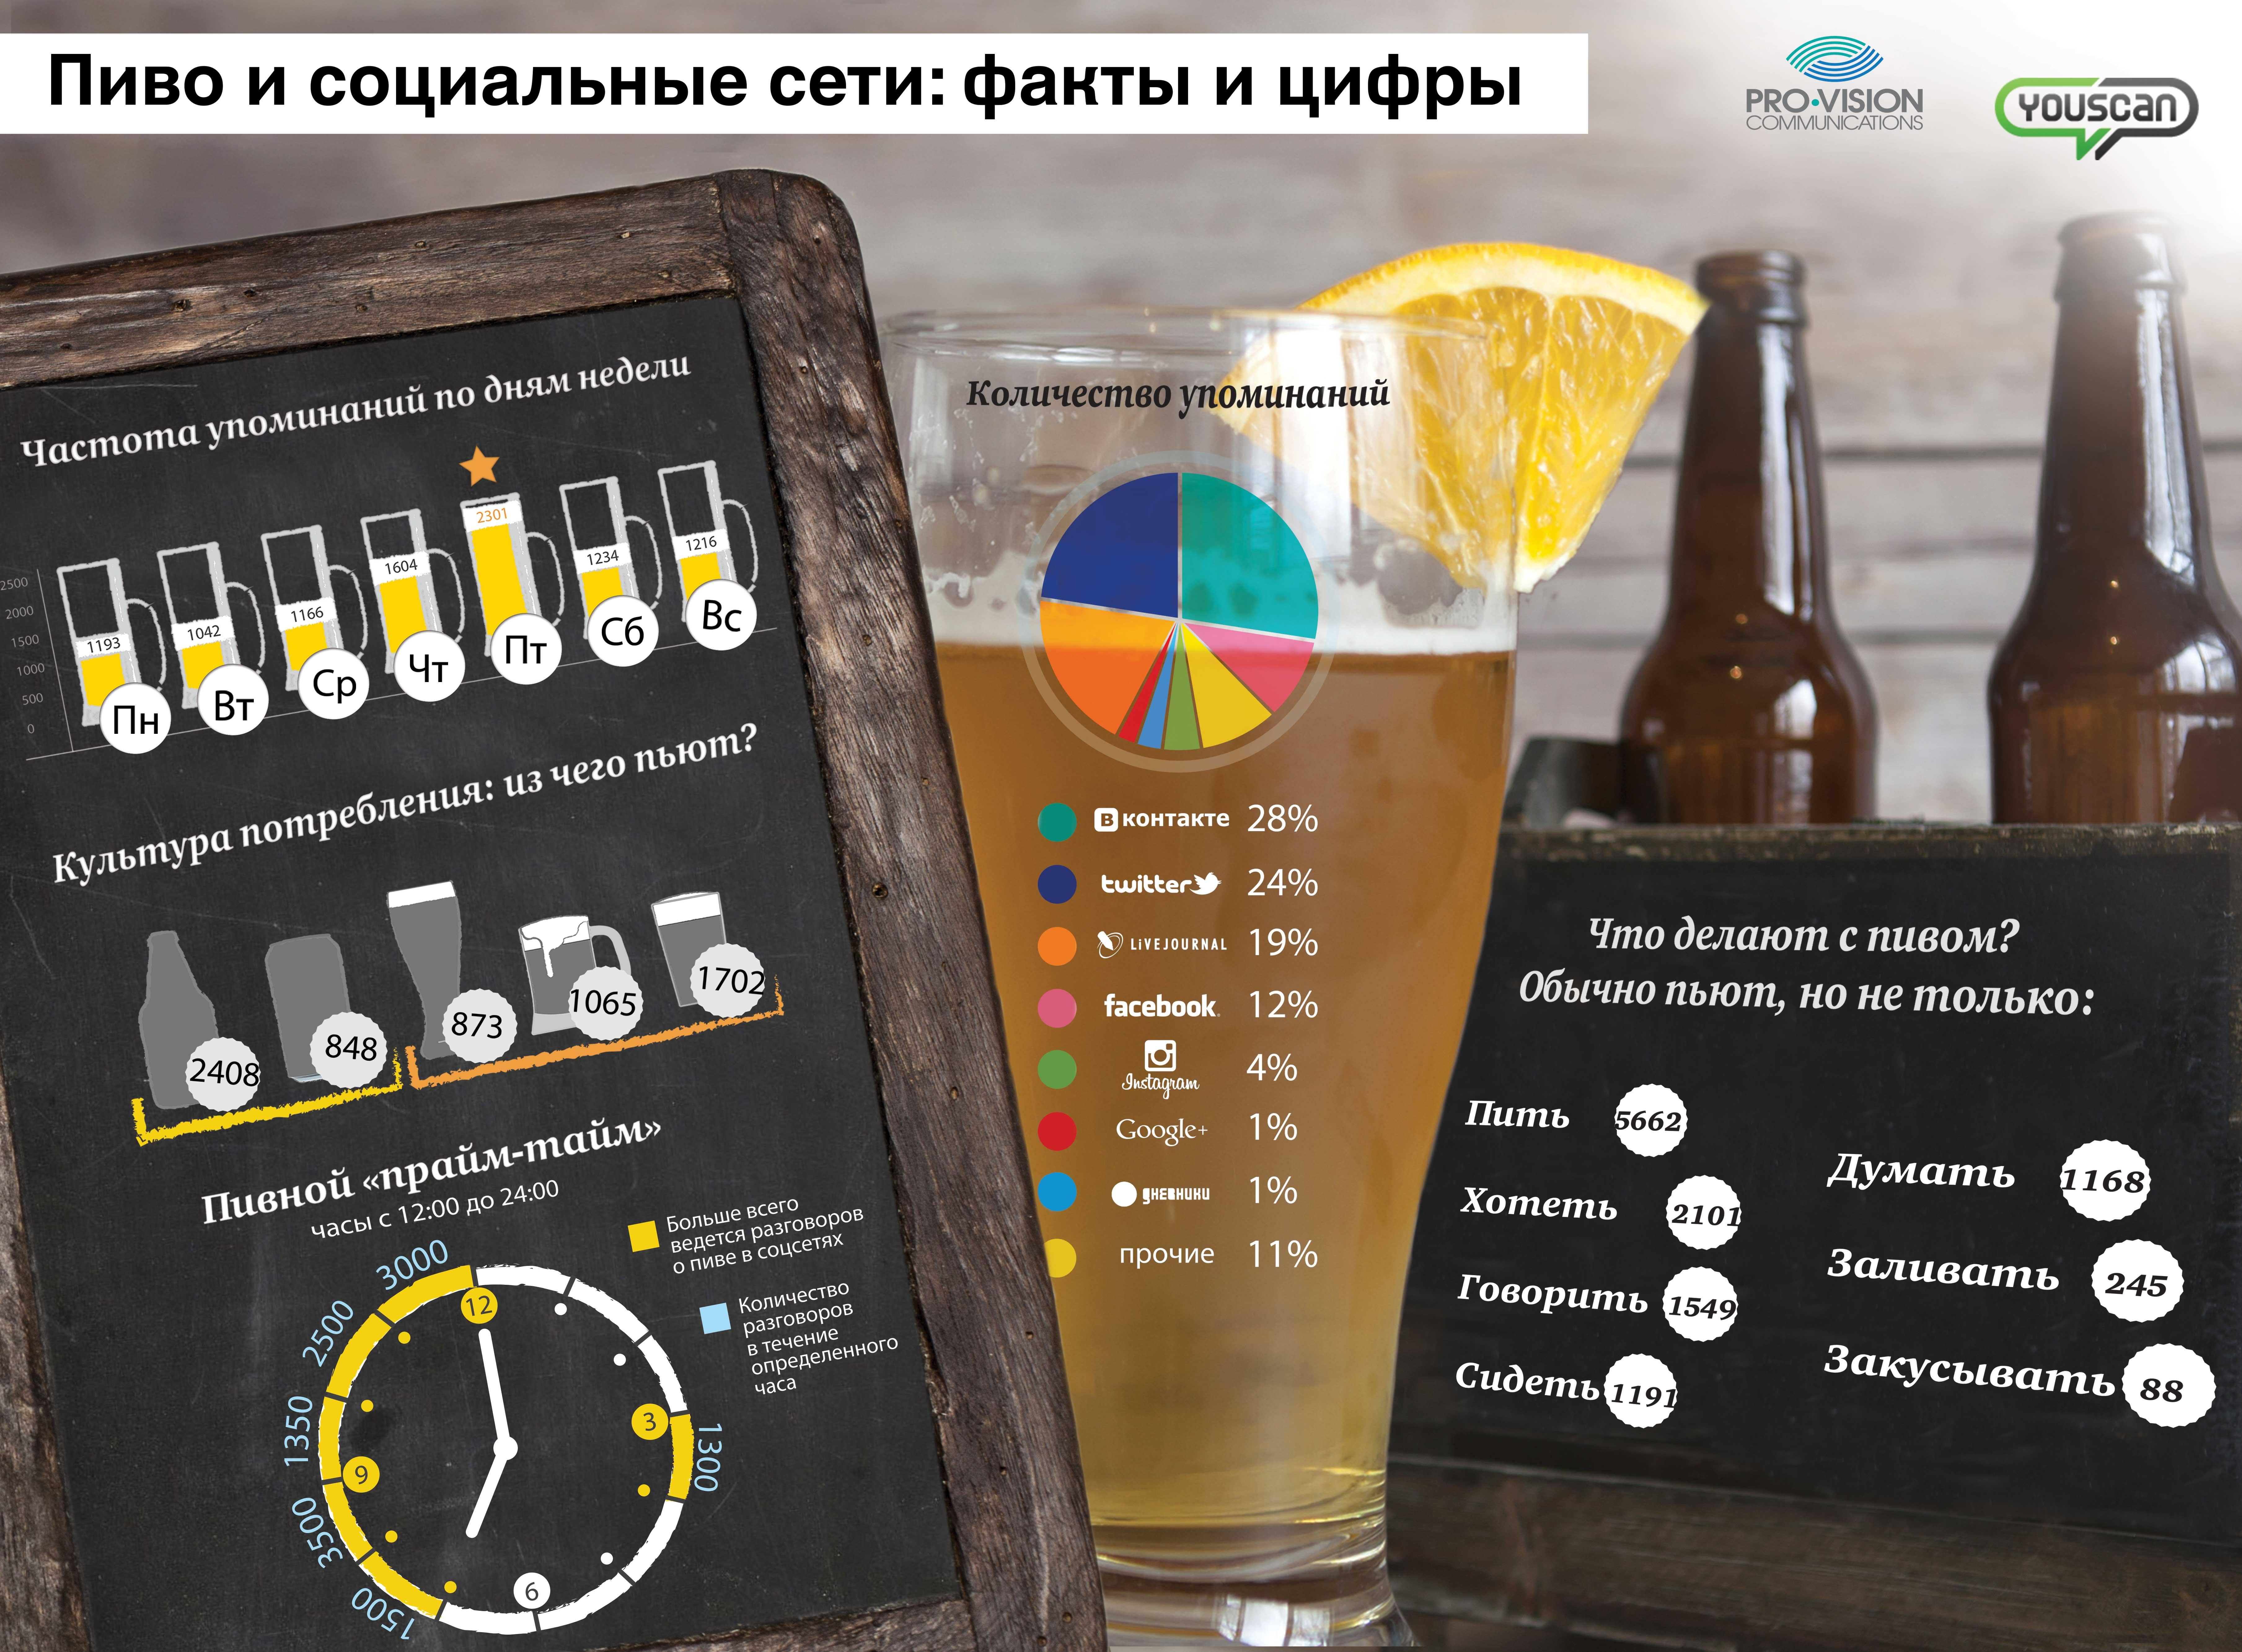 Пиво и социальные сети